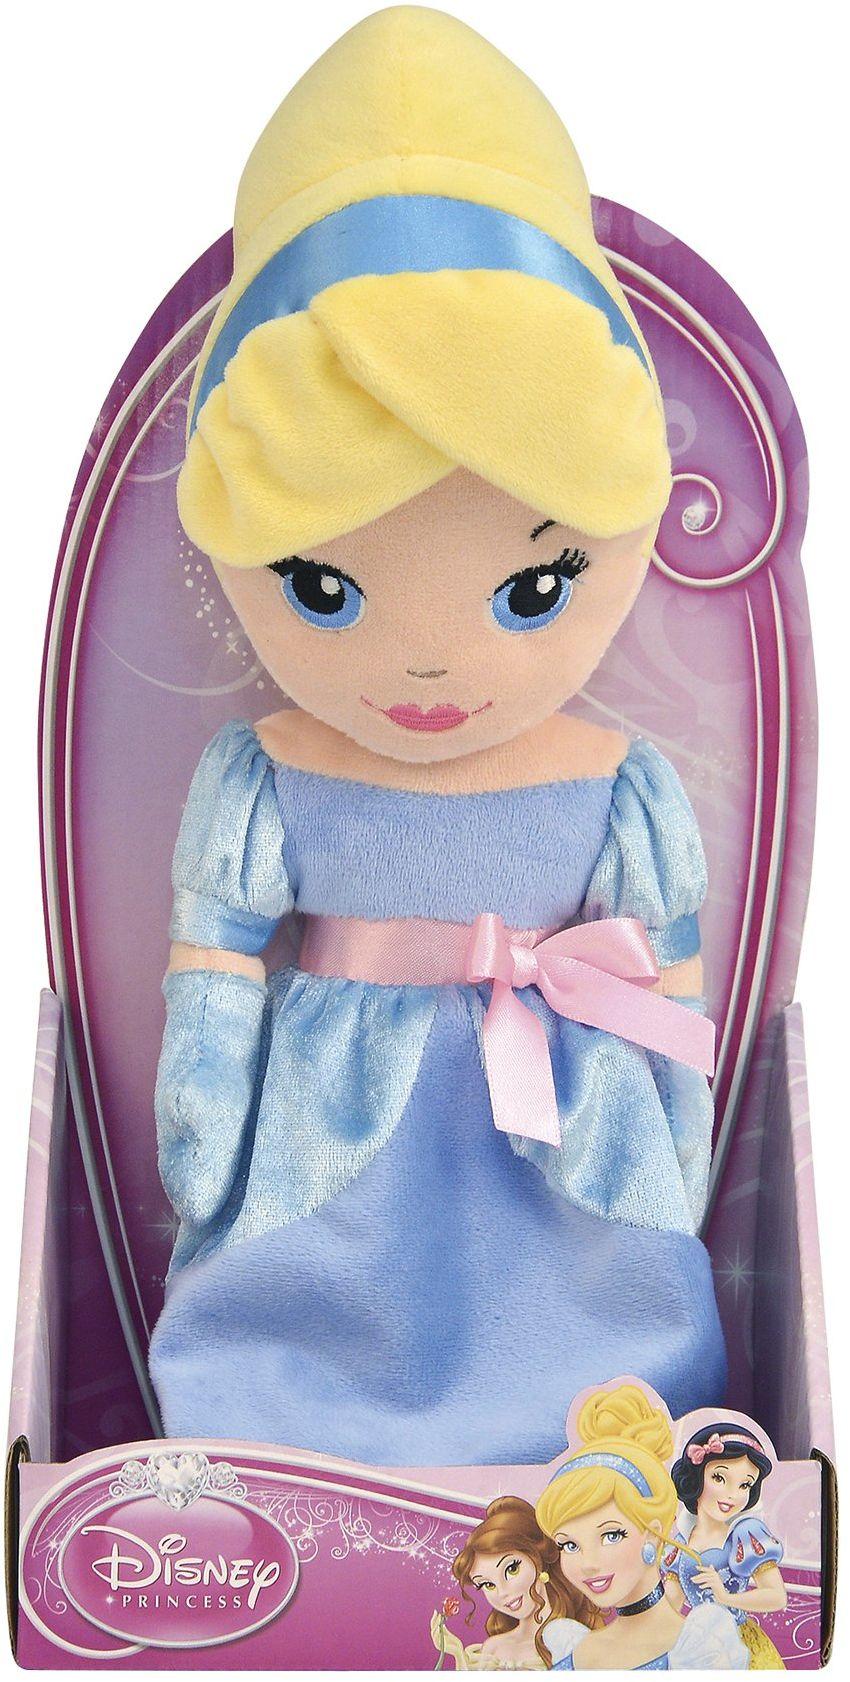 Grandi Giochi GG01210 Cinderella figurka do zabawy z pluszu, rozmiar 25 cm